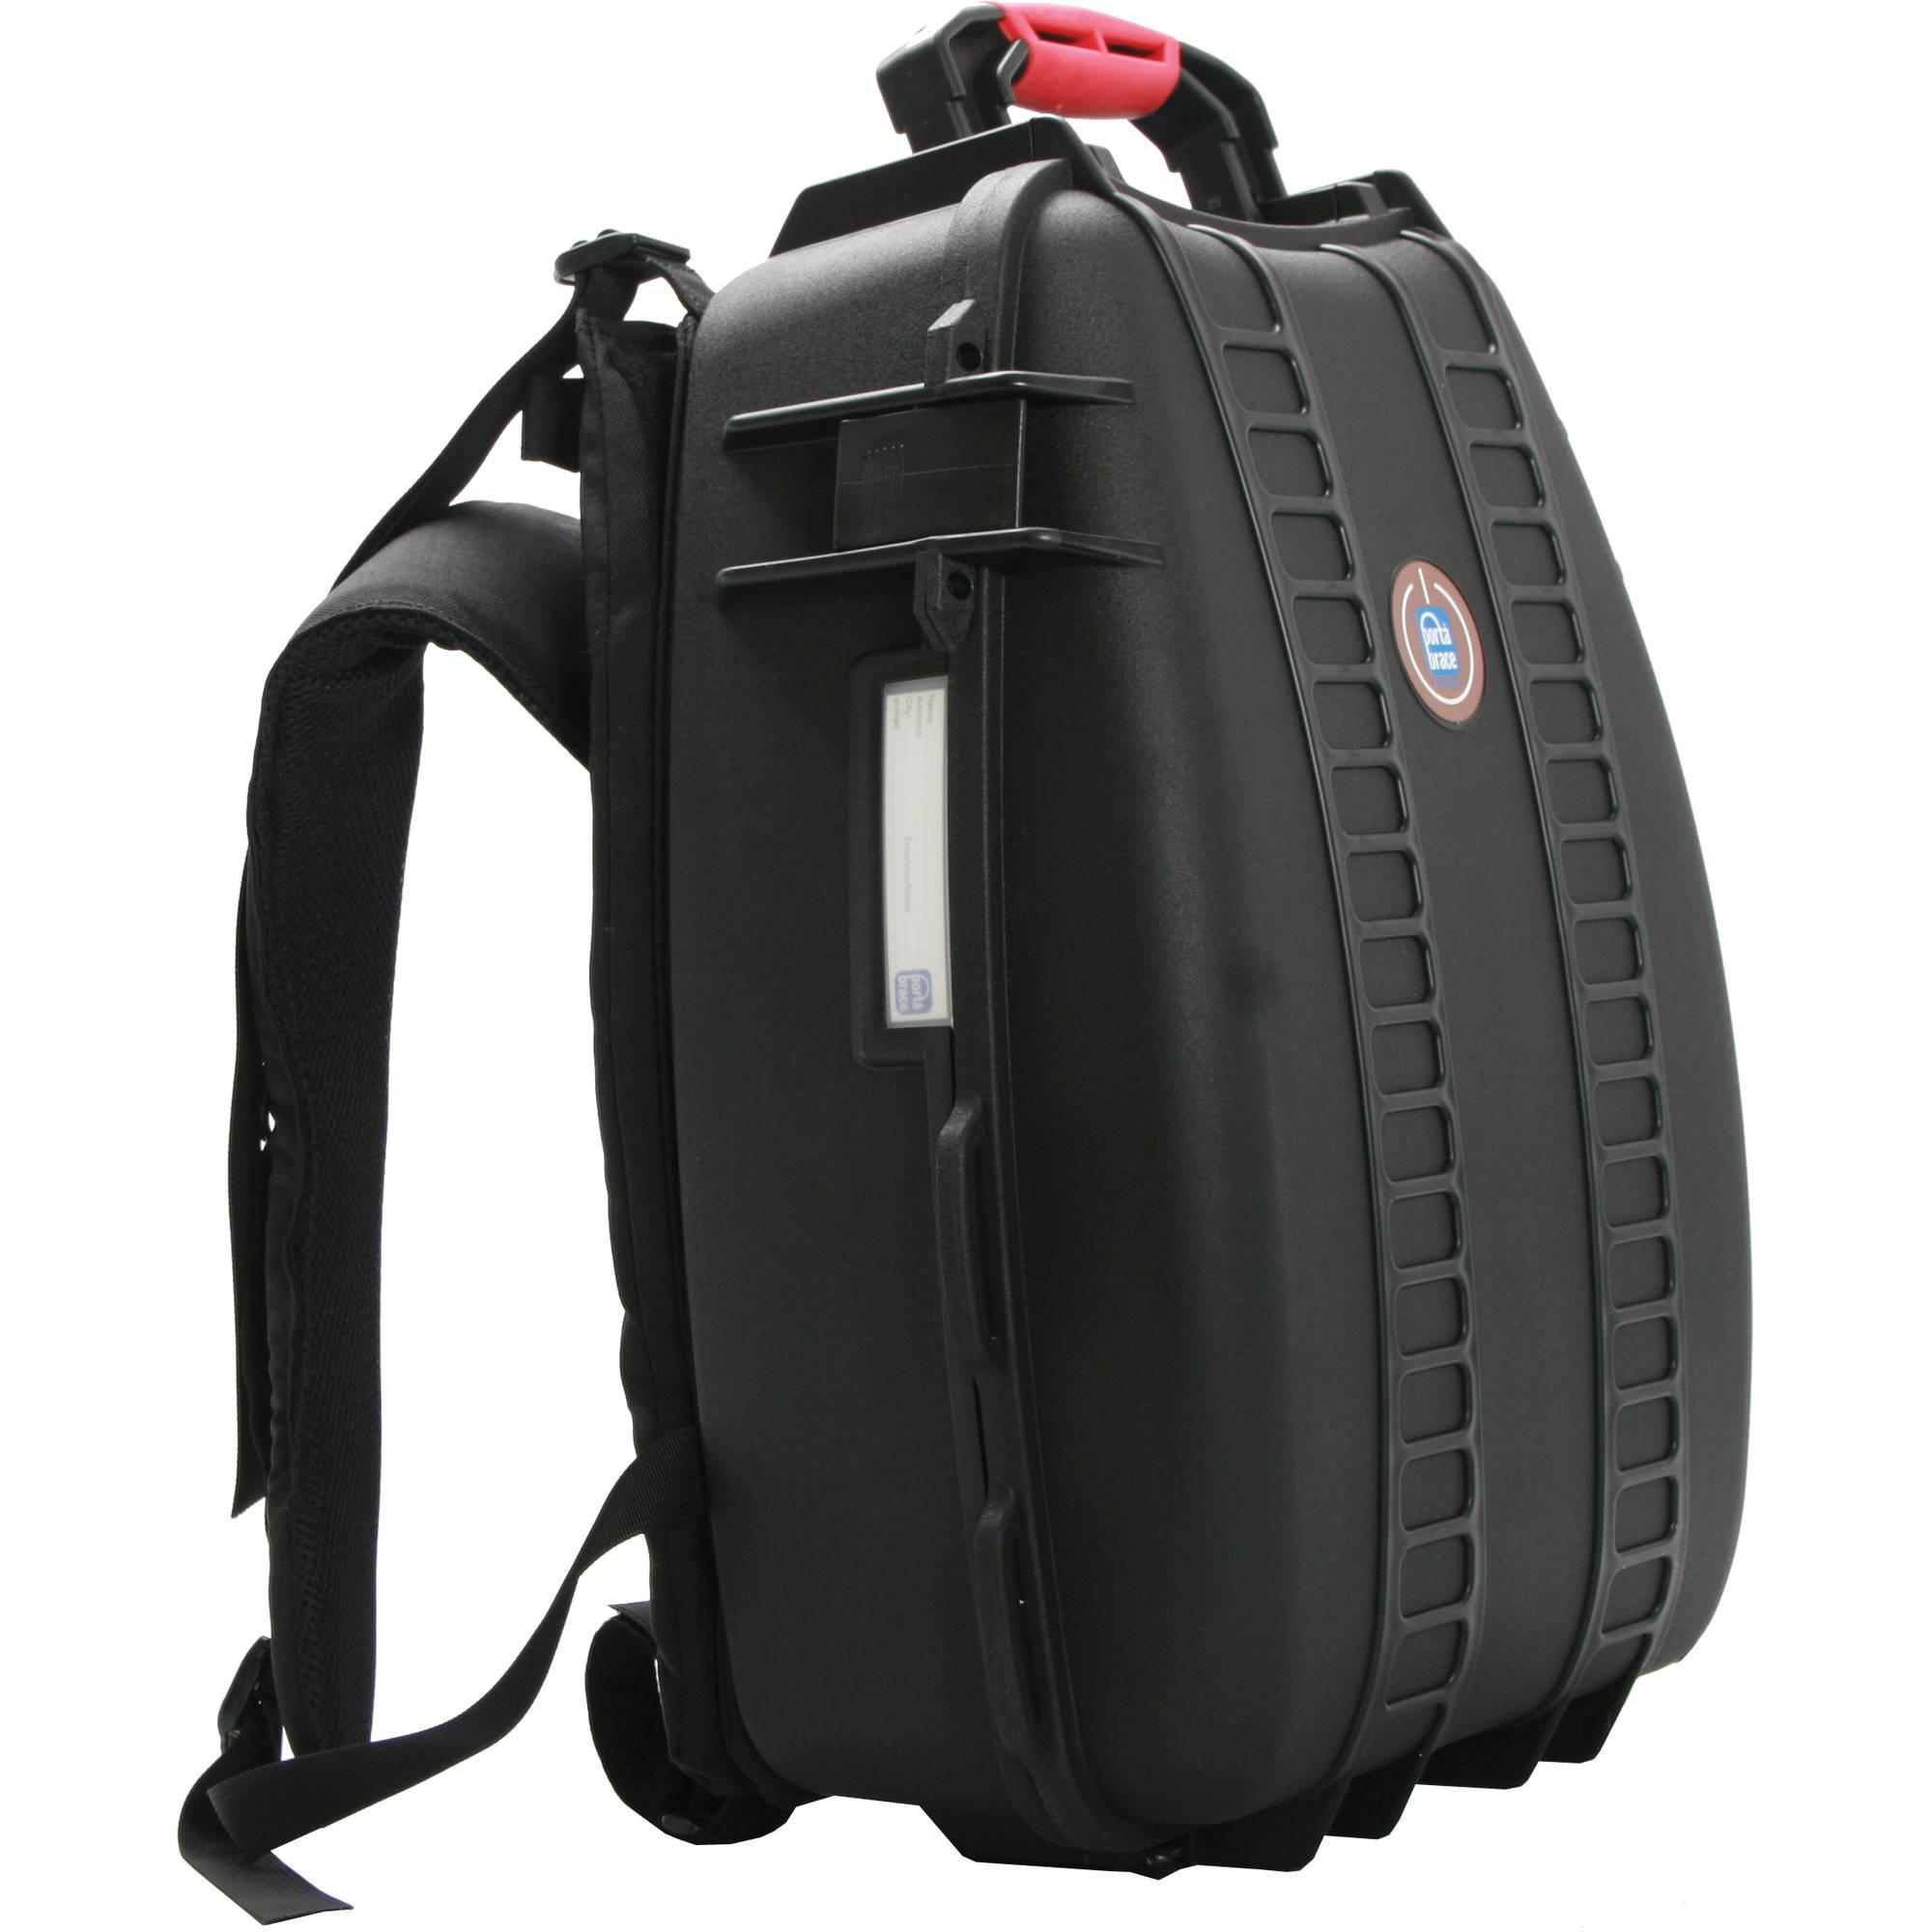 Porta Brace PB-3500E Hard Case Backpack (Black) PB-3500E B&H